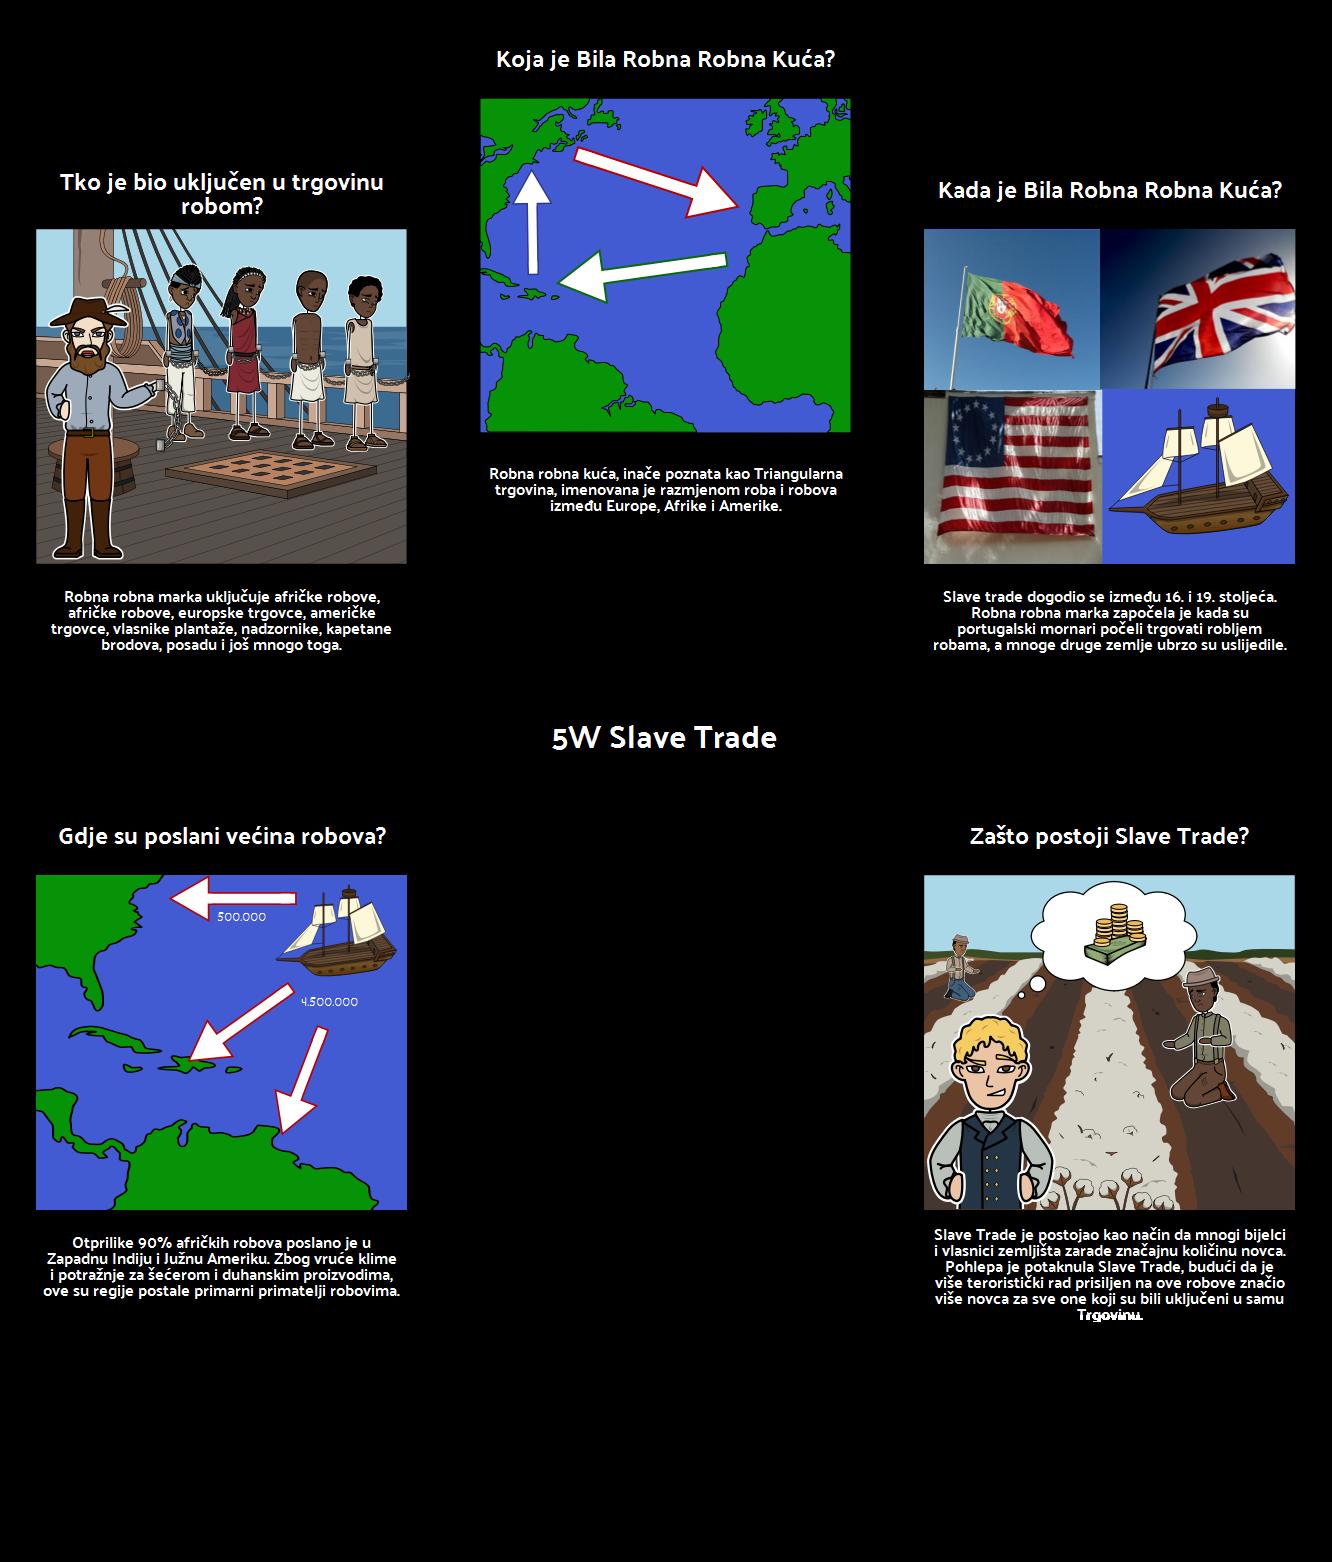 5W Slave Trade